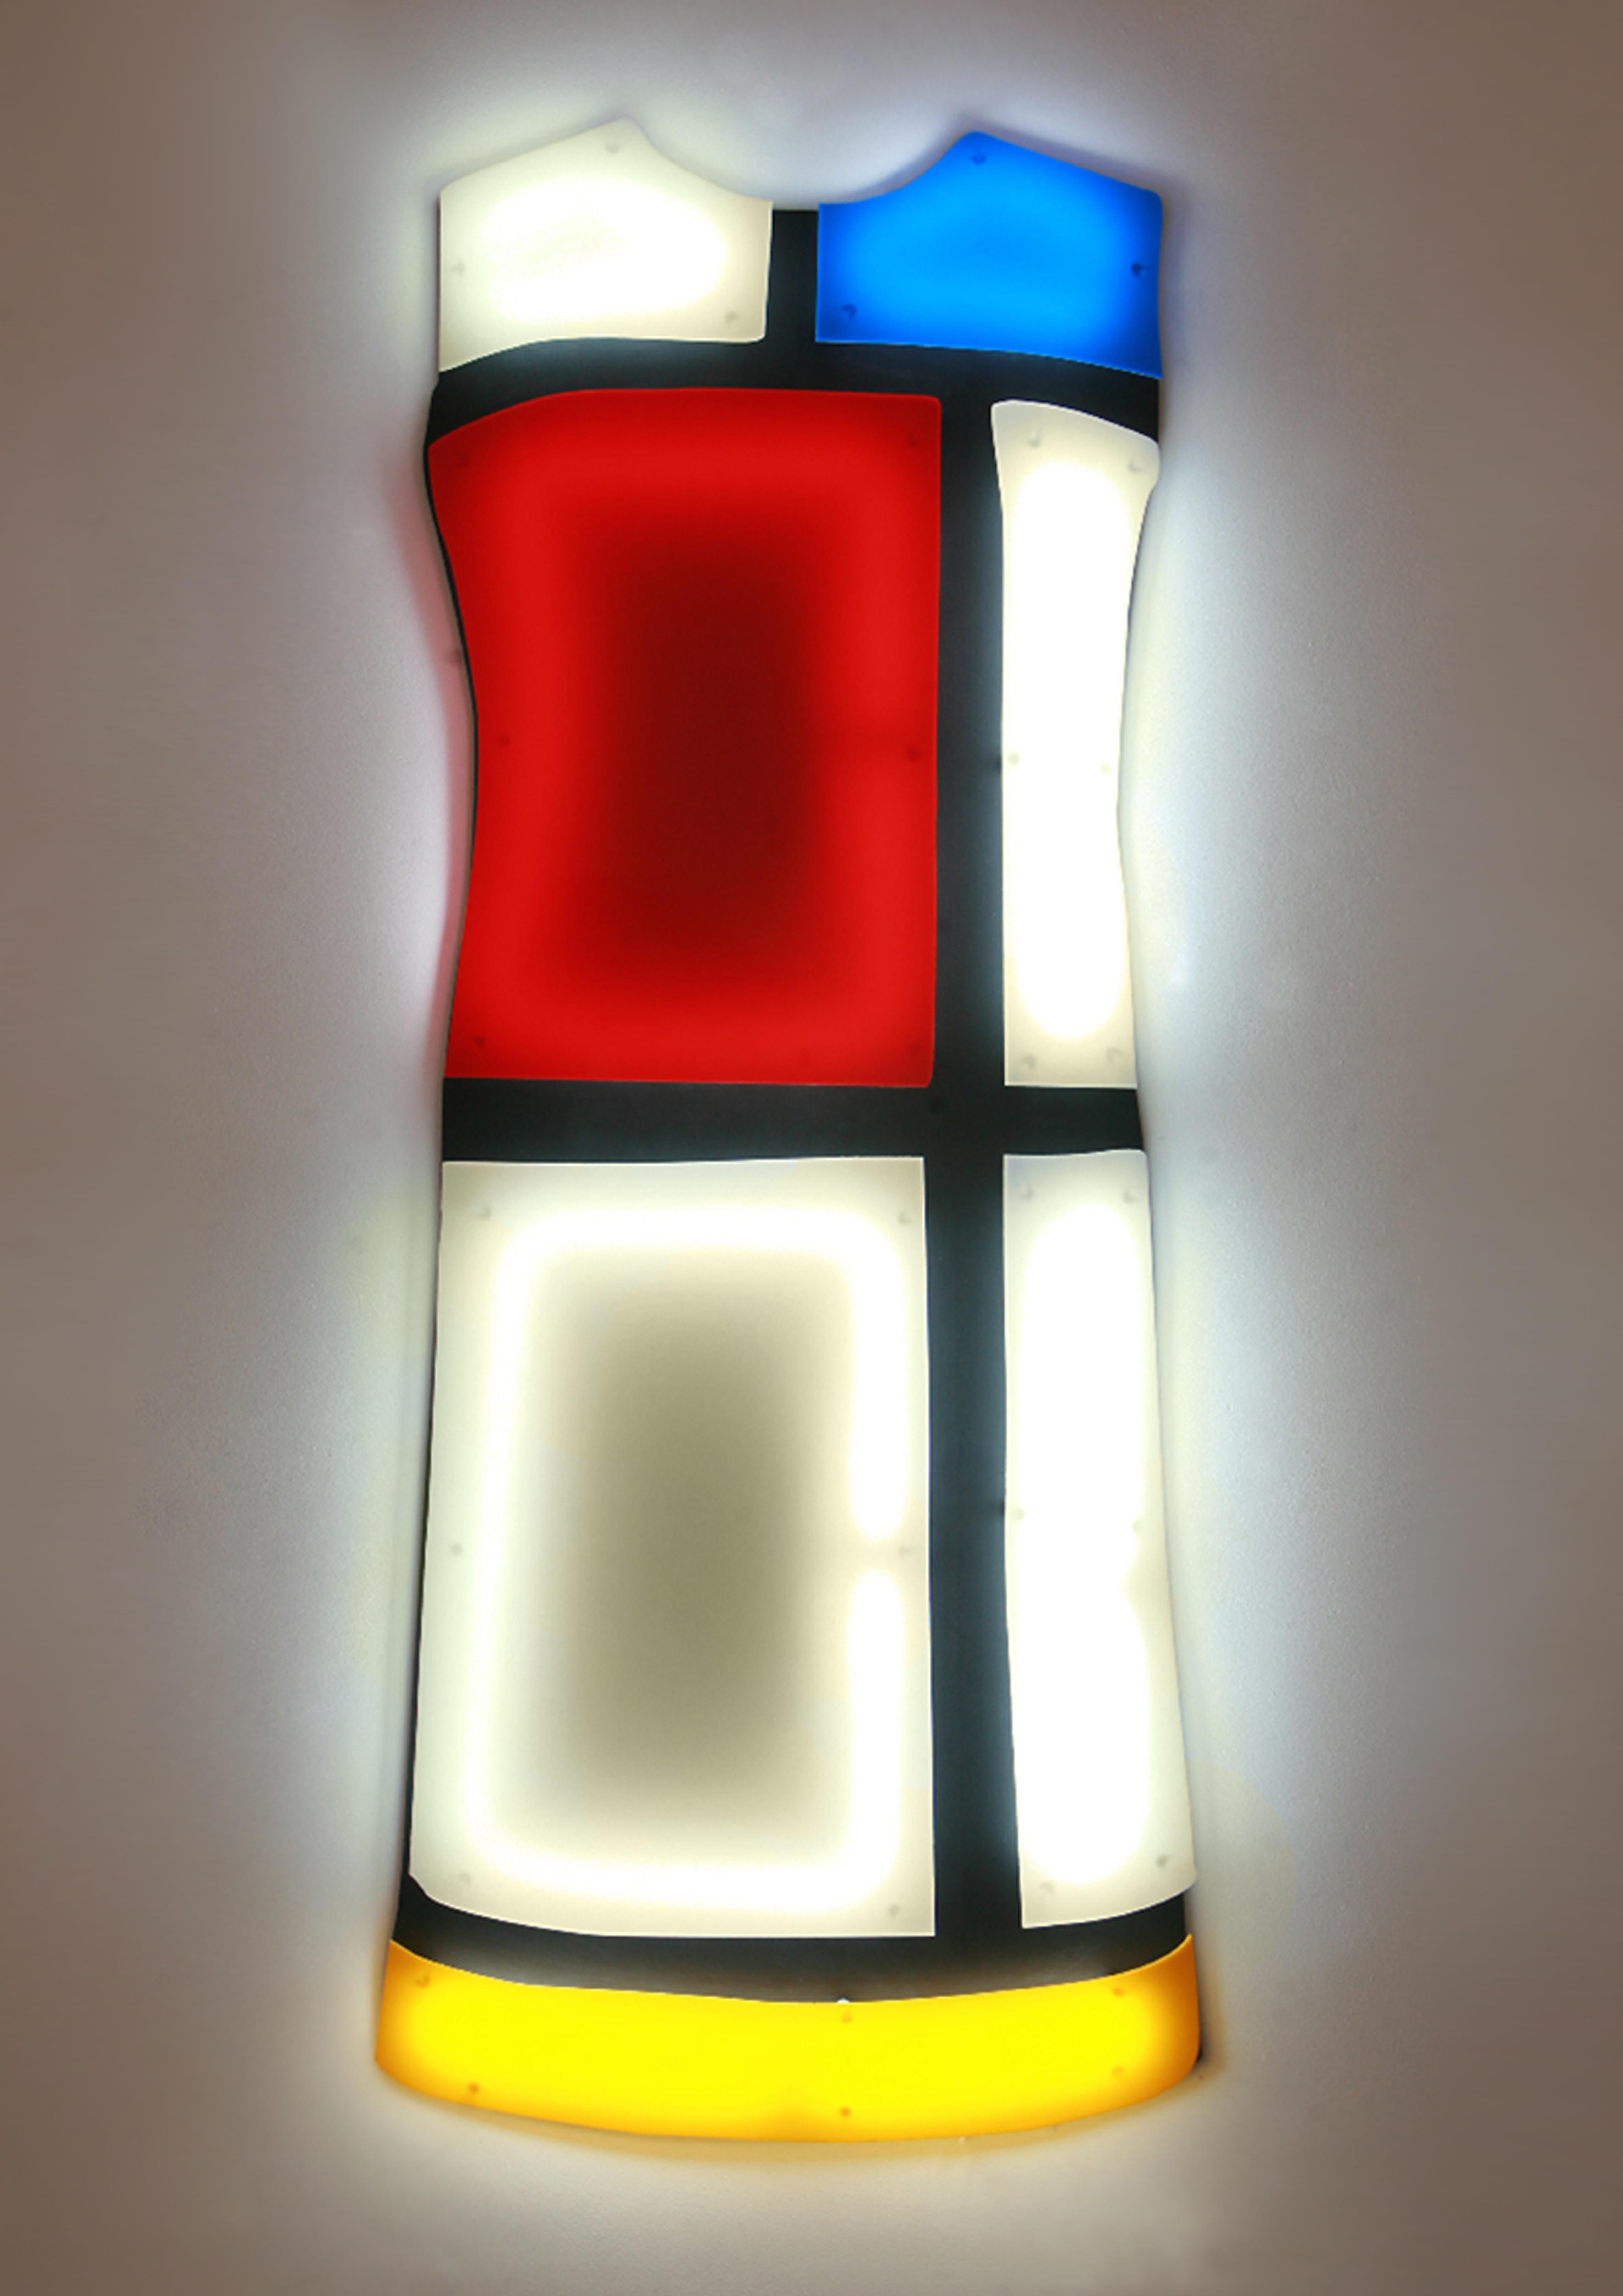 04-Nicolas-Saint-Gregoire.-Projet-Yves-Saint-Laurent-Robe-Mondrian-1-2009-2012.-Plexiglas-et-cathodes-froides.-©photo-Brigitte-Sauvignac